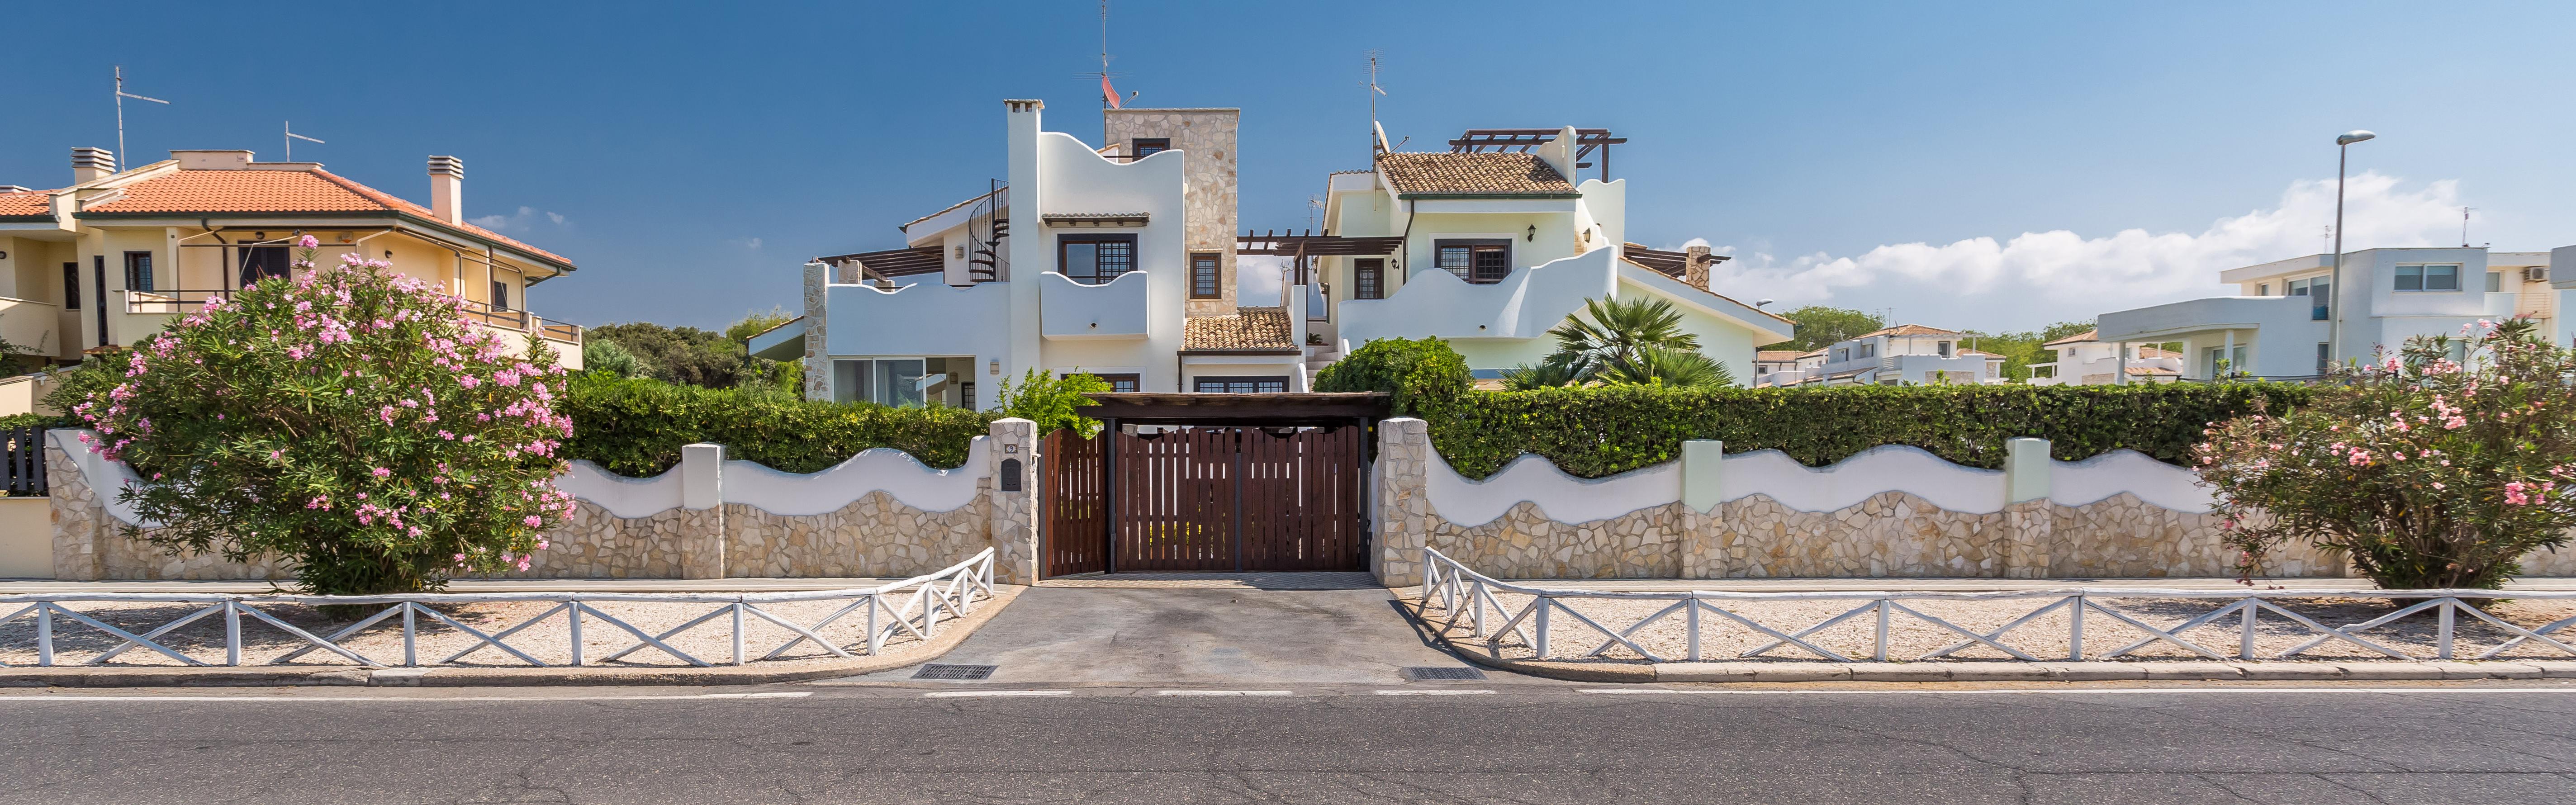 Comprare e vendere casa a fregene prezzi di mercato al for Comprare casa a roma centro